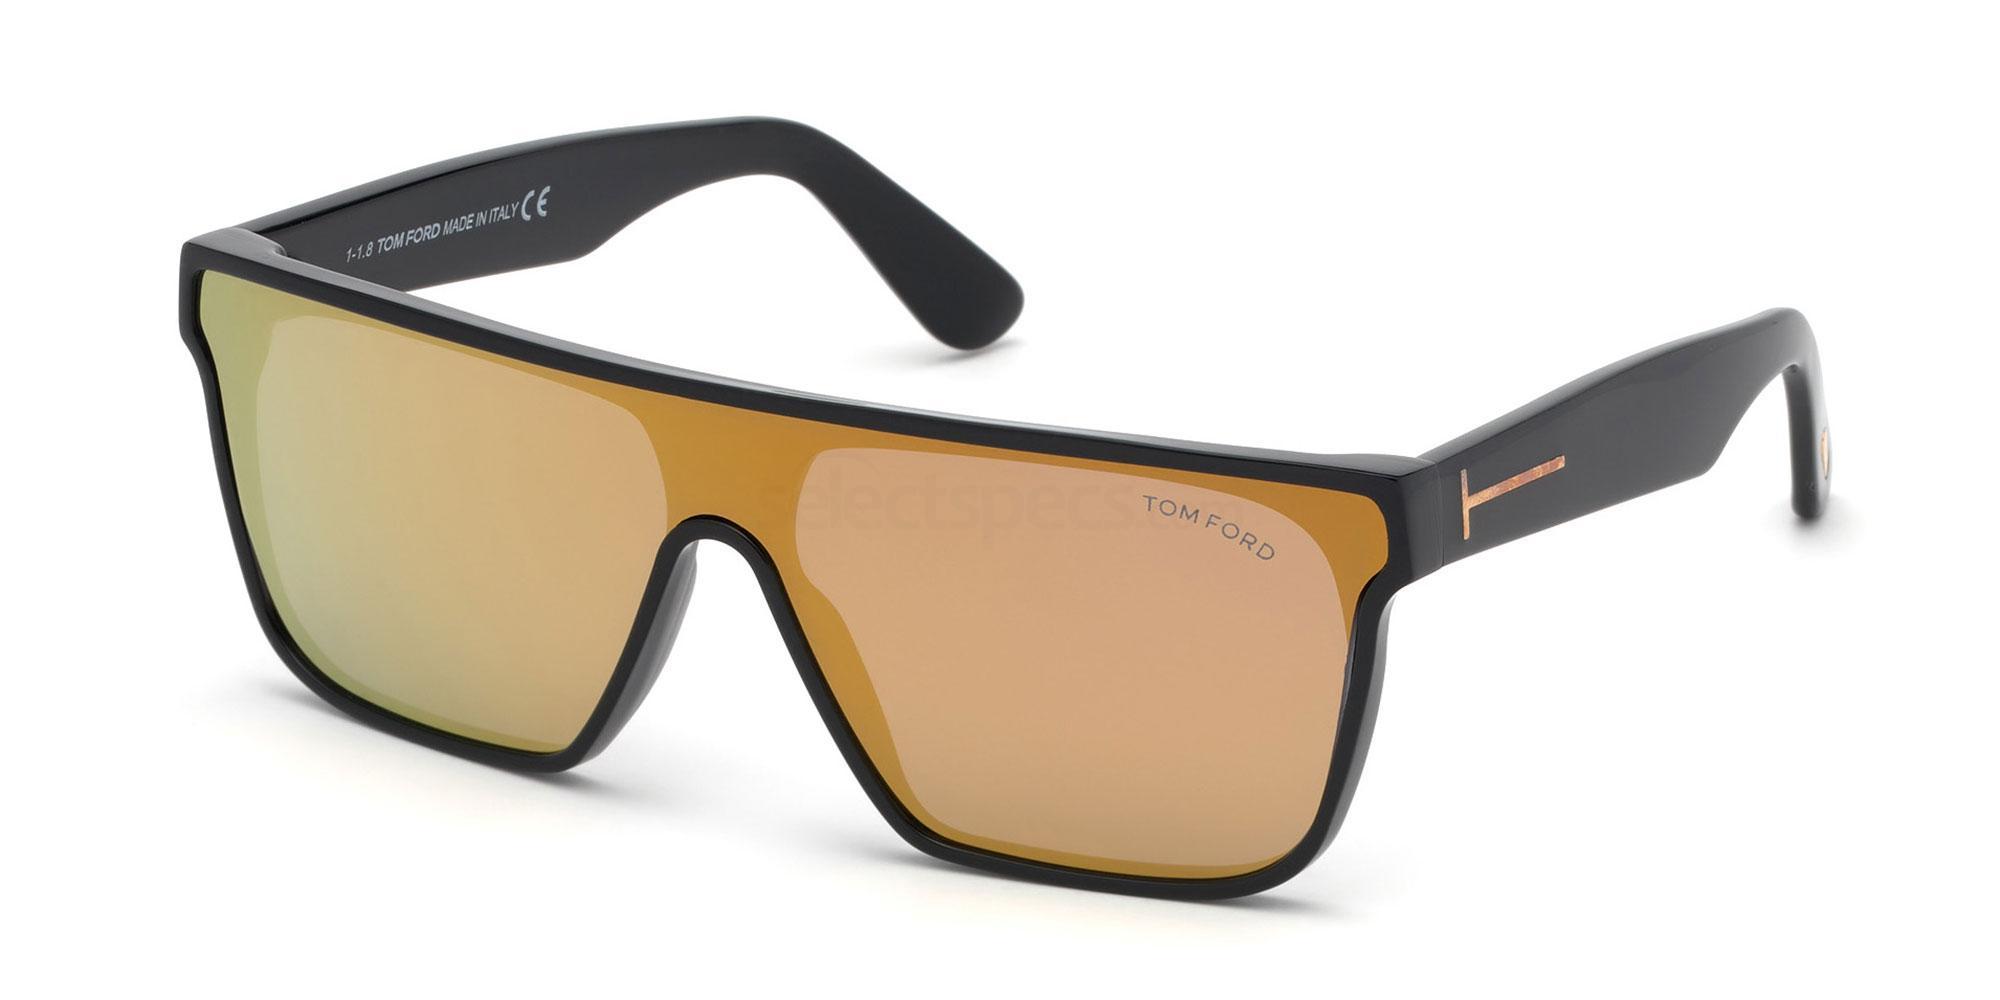 01G FT0709 Sunglasses, Tom Ford